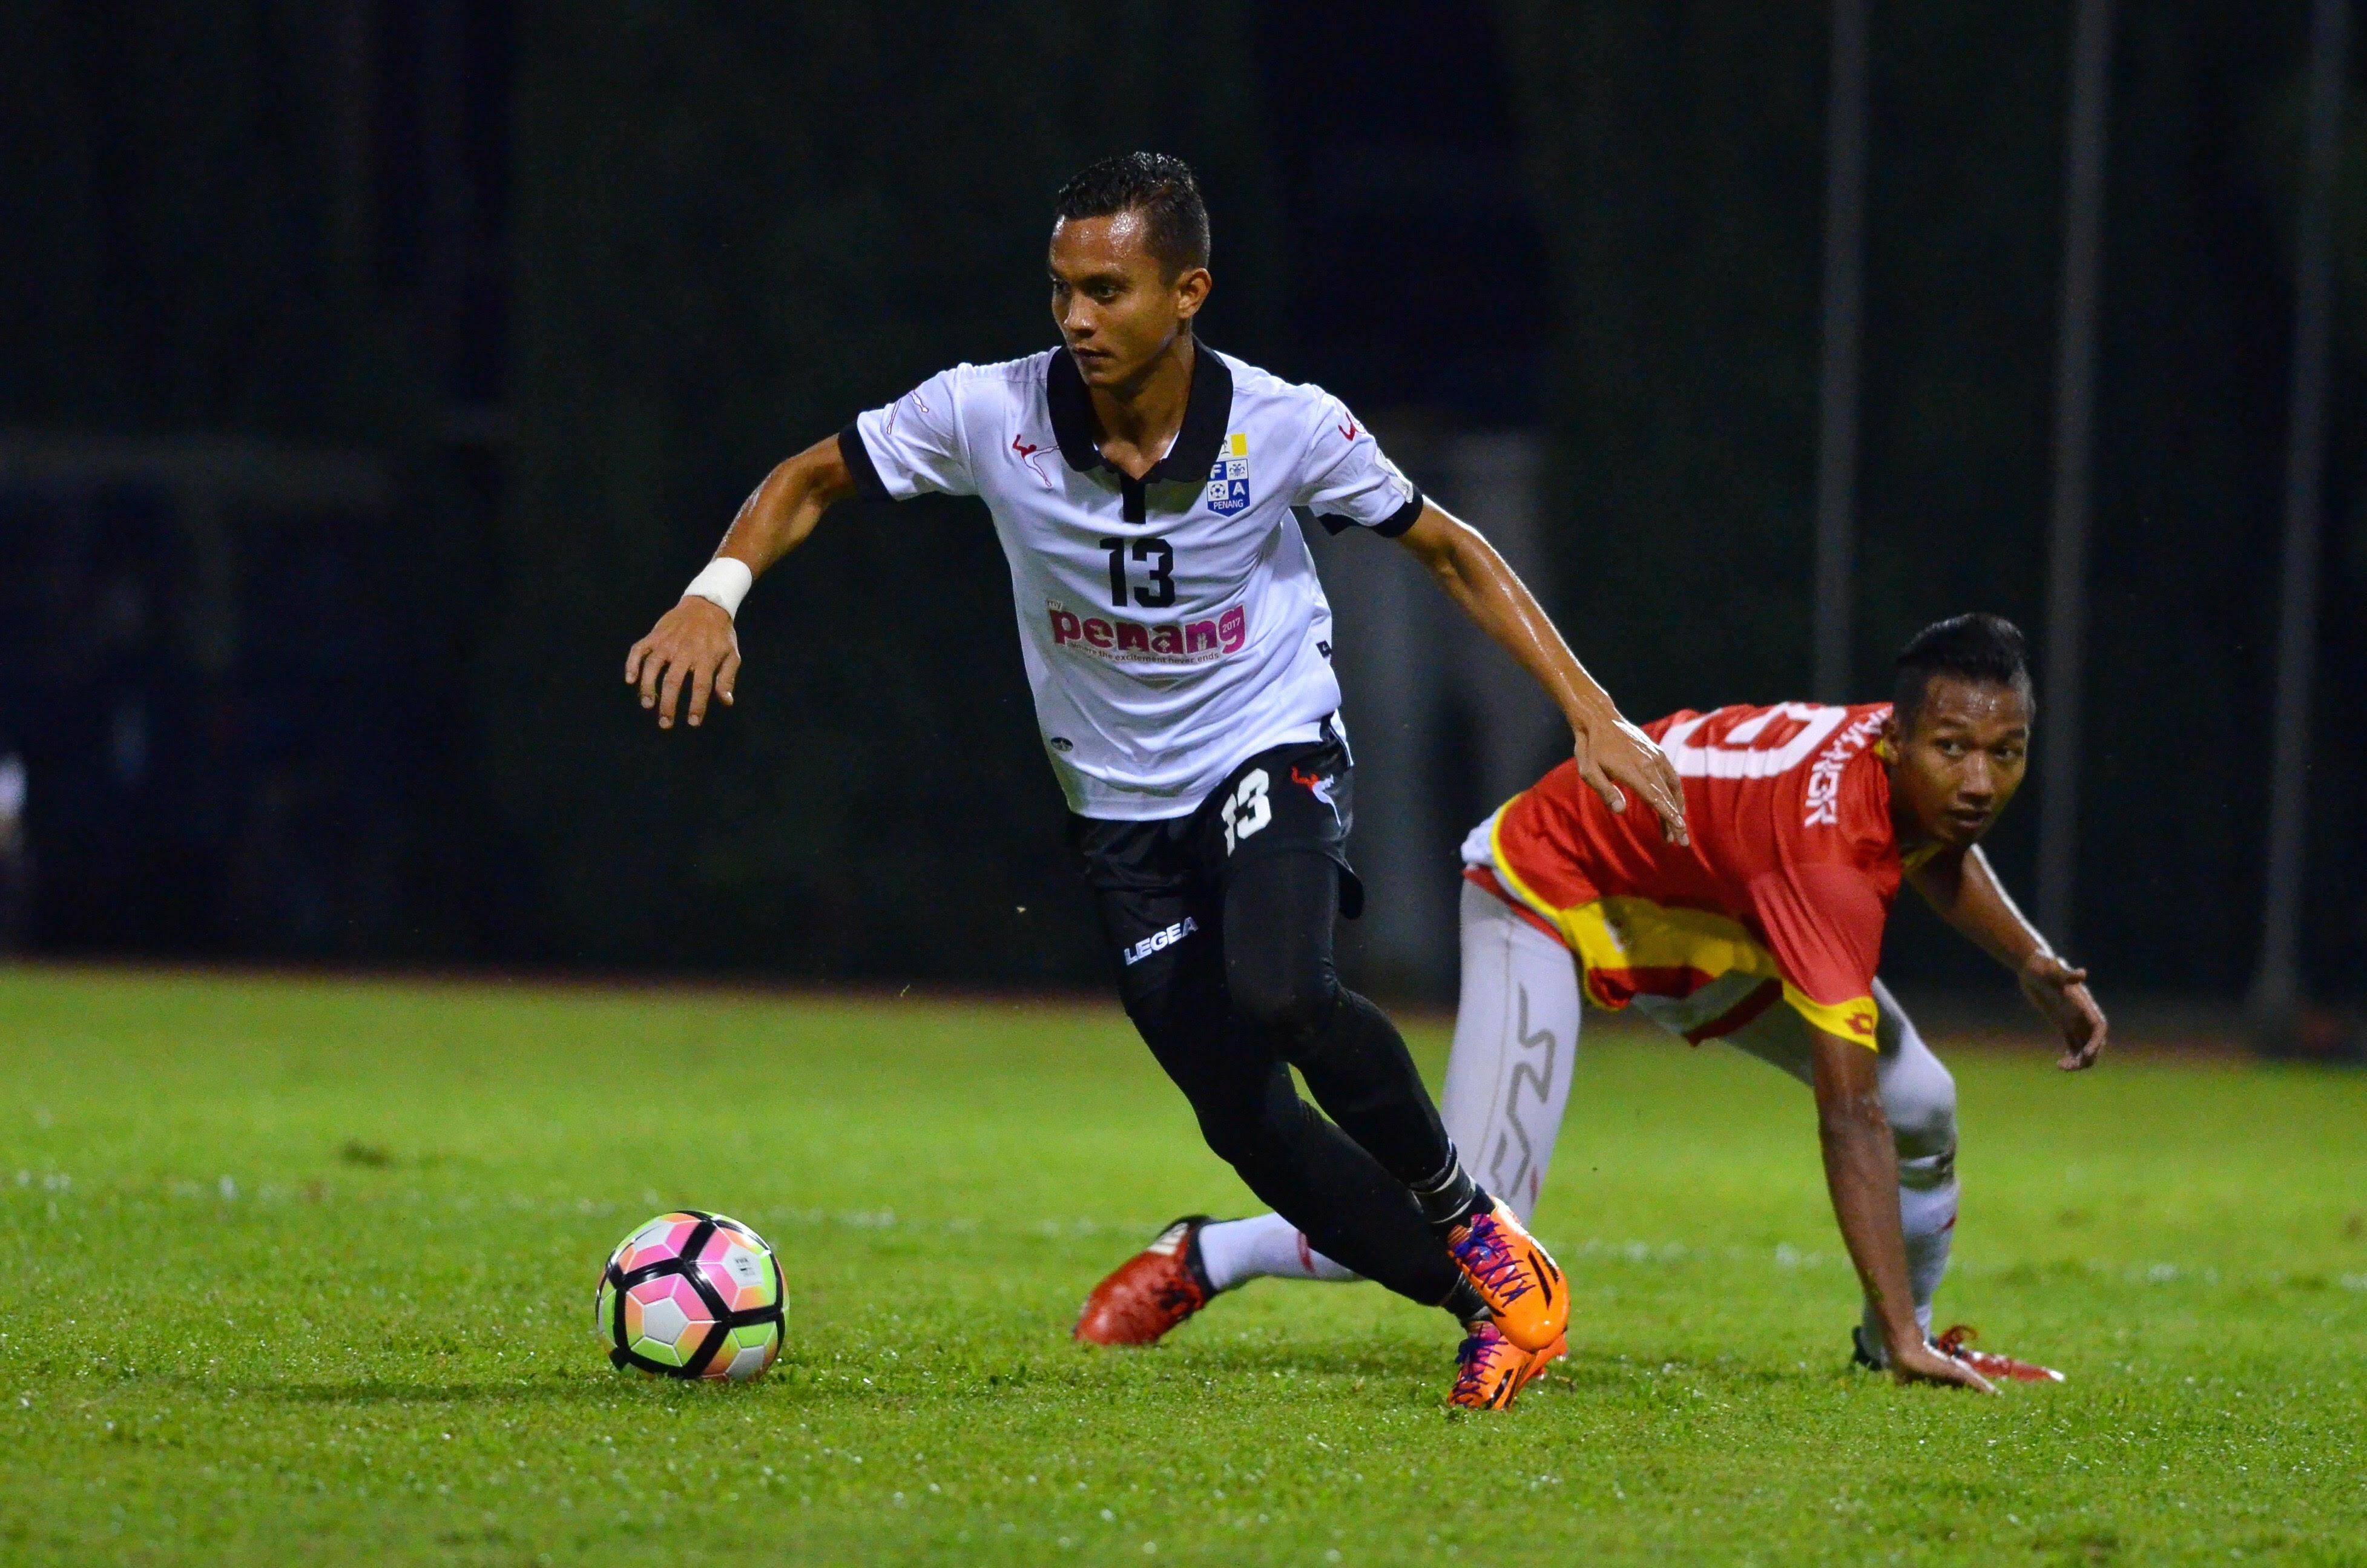 Pulau Pinang's Faiz Subri playing against Selangor 21/1/2017